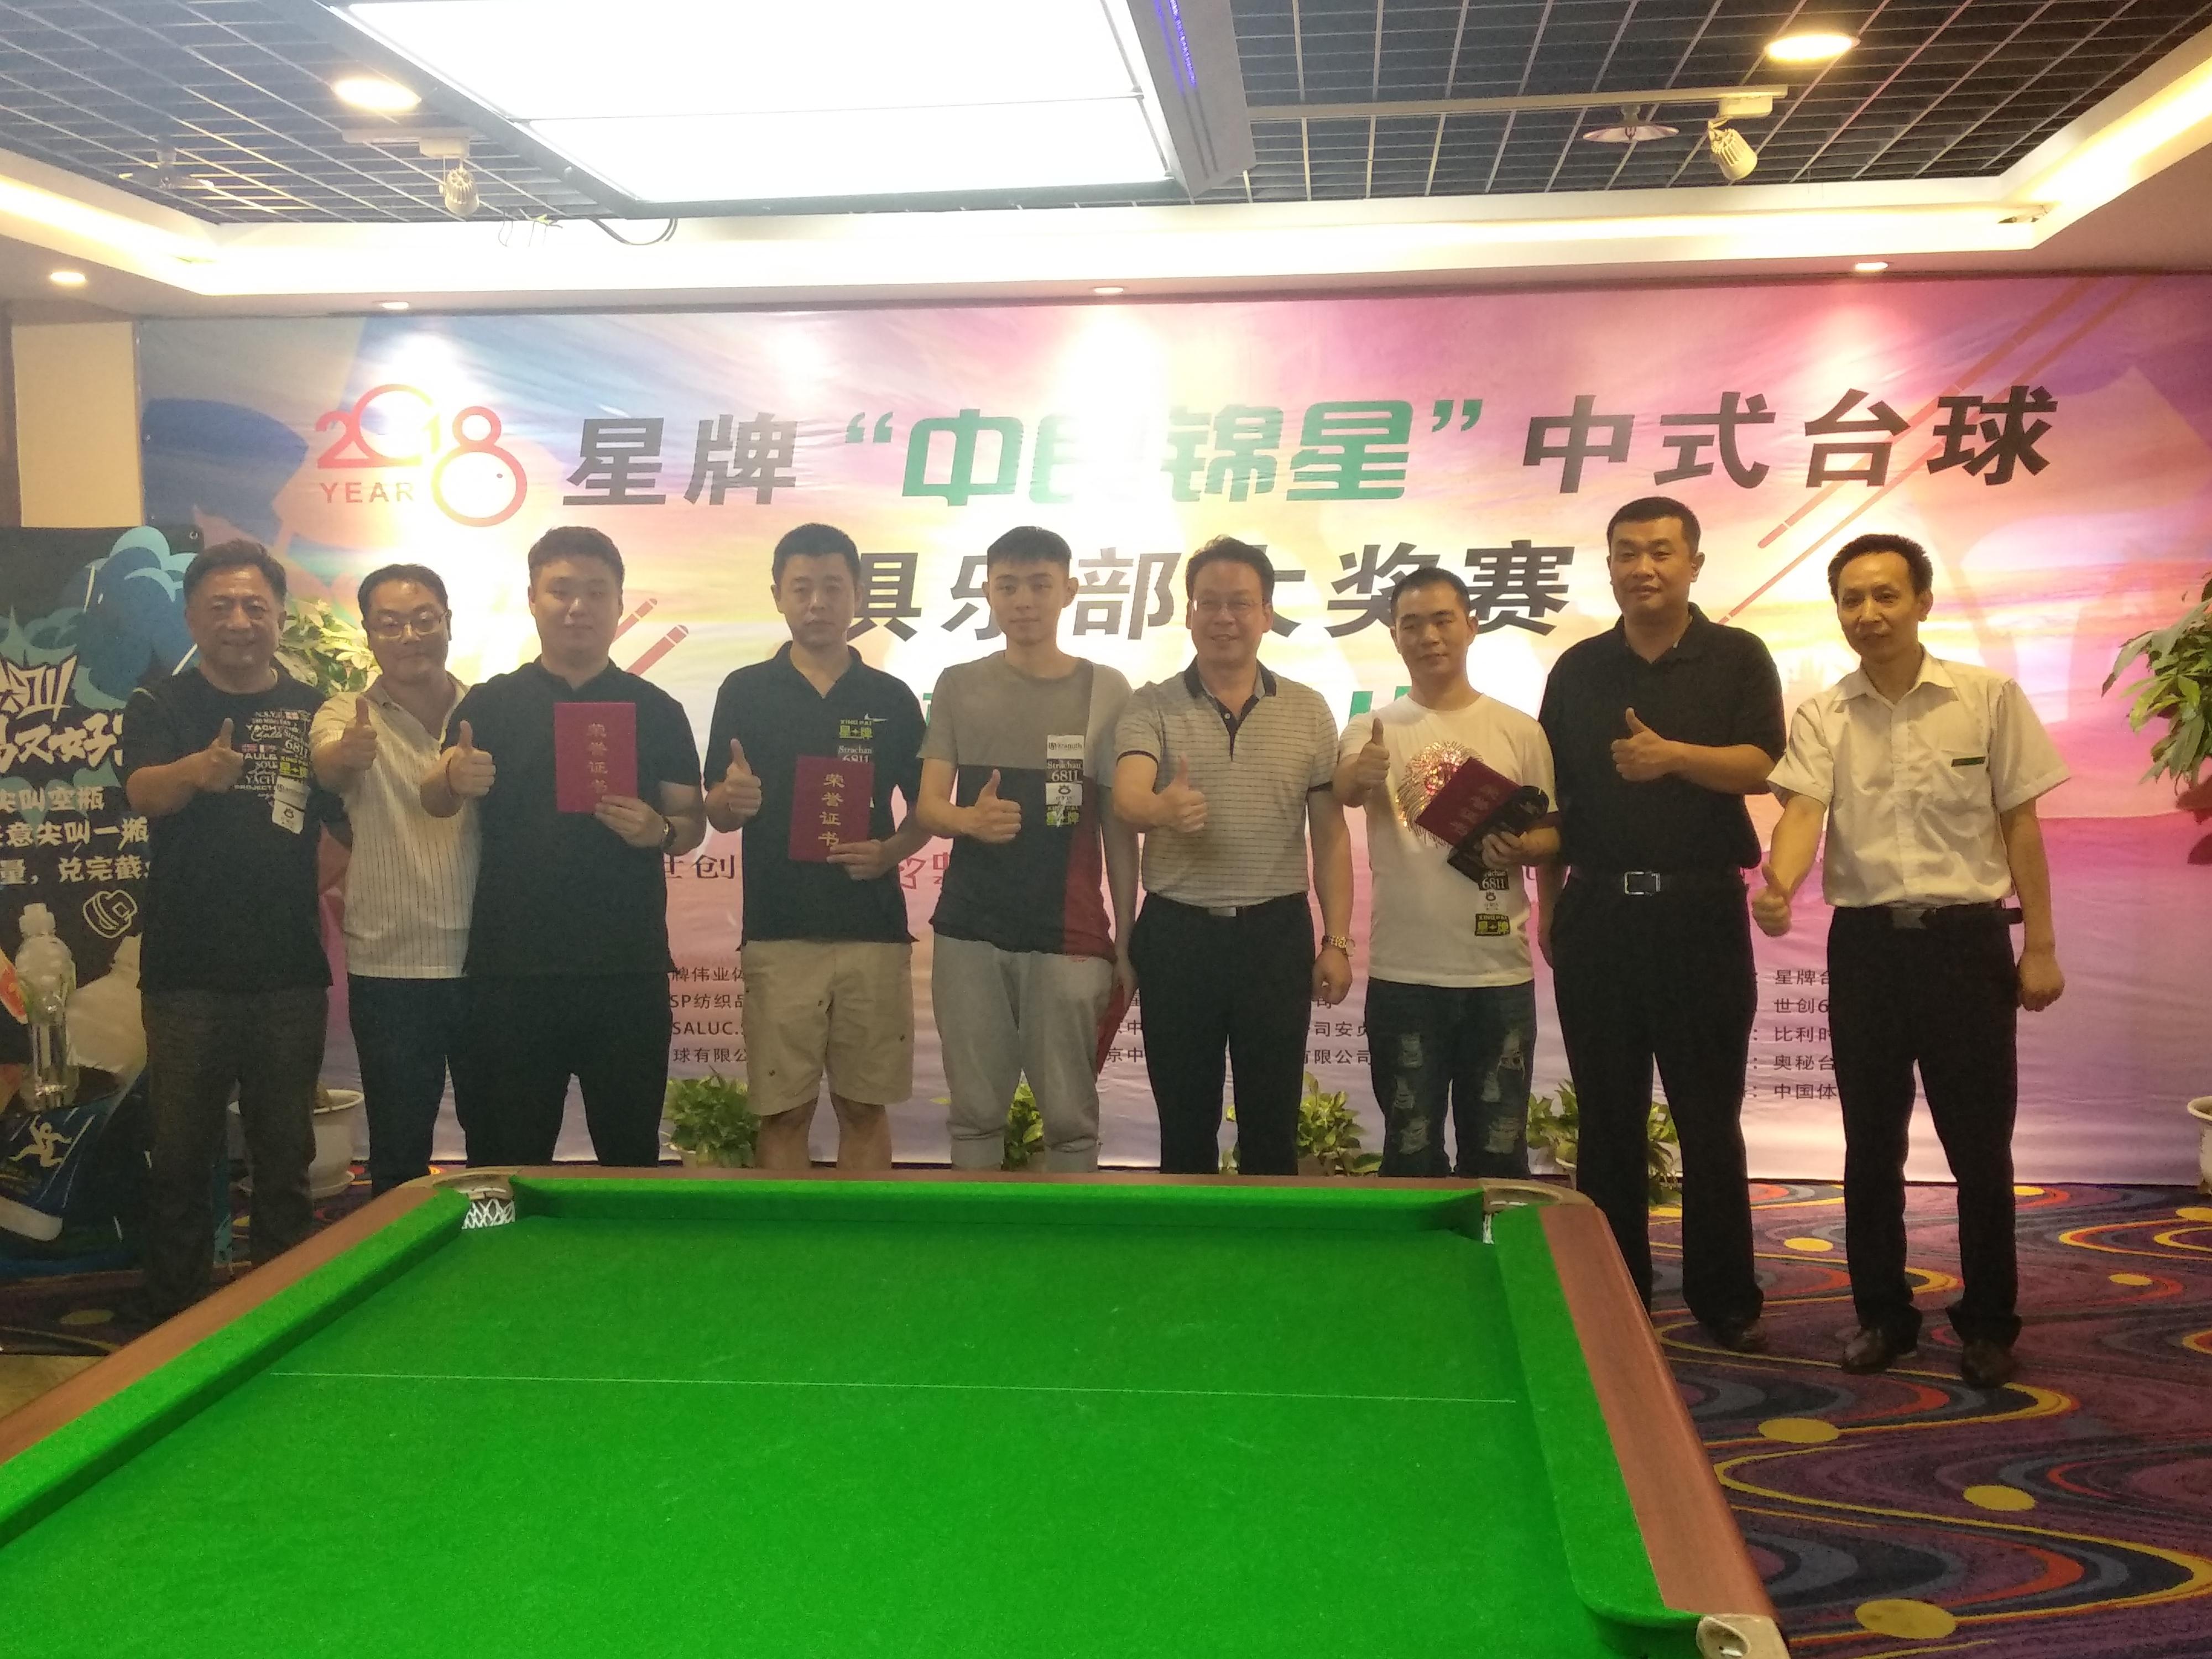 【星联盟】北京安贞台球俱乐部_星牌联盟球房